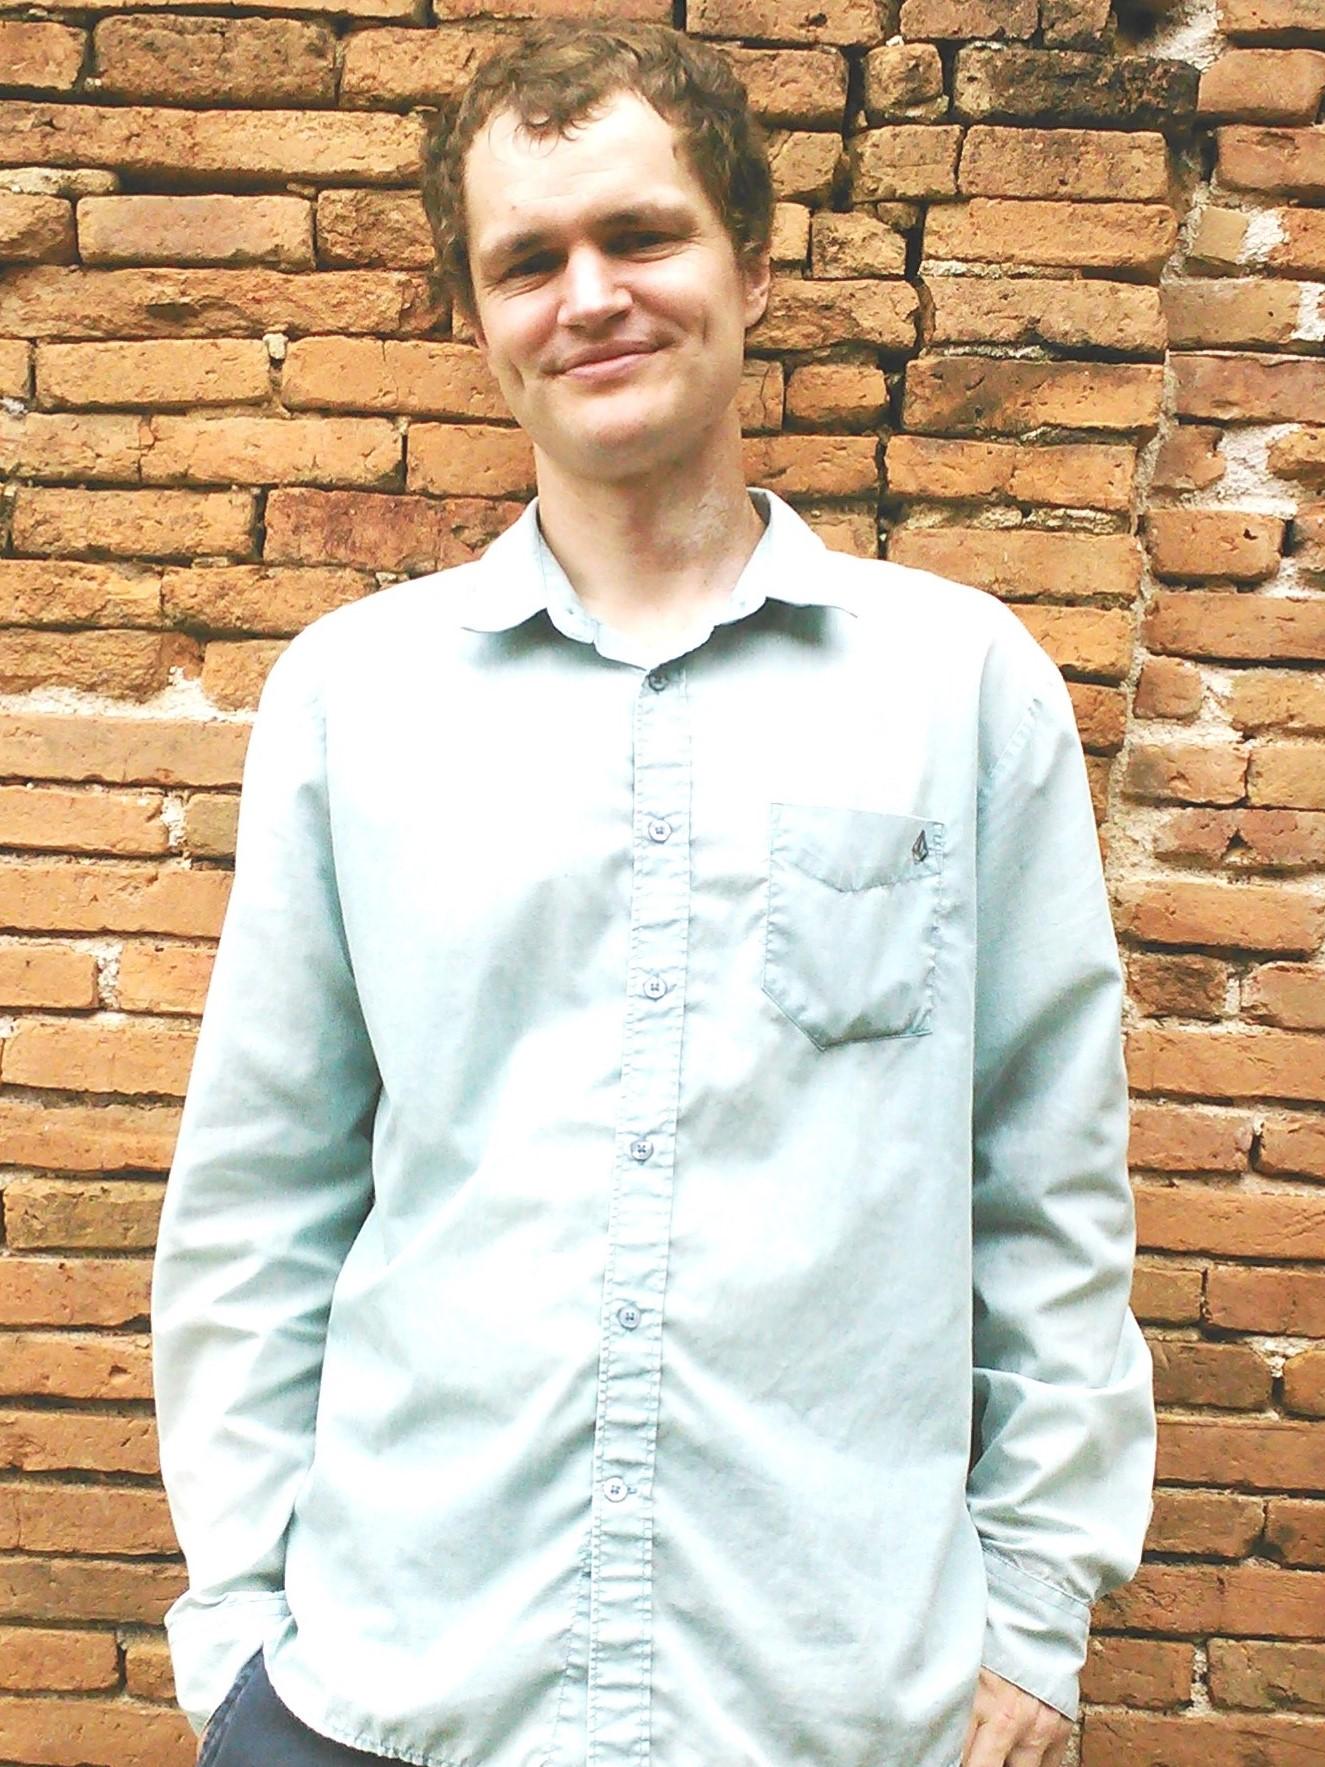 Ben Fairfield